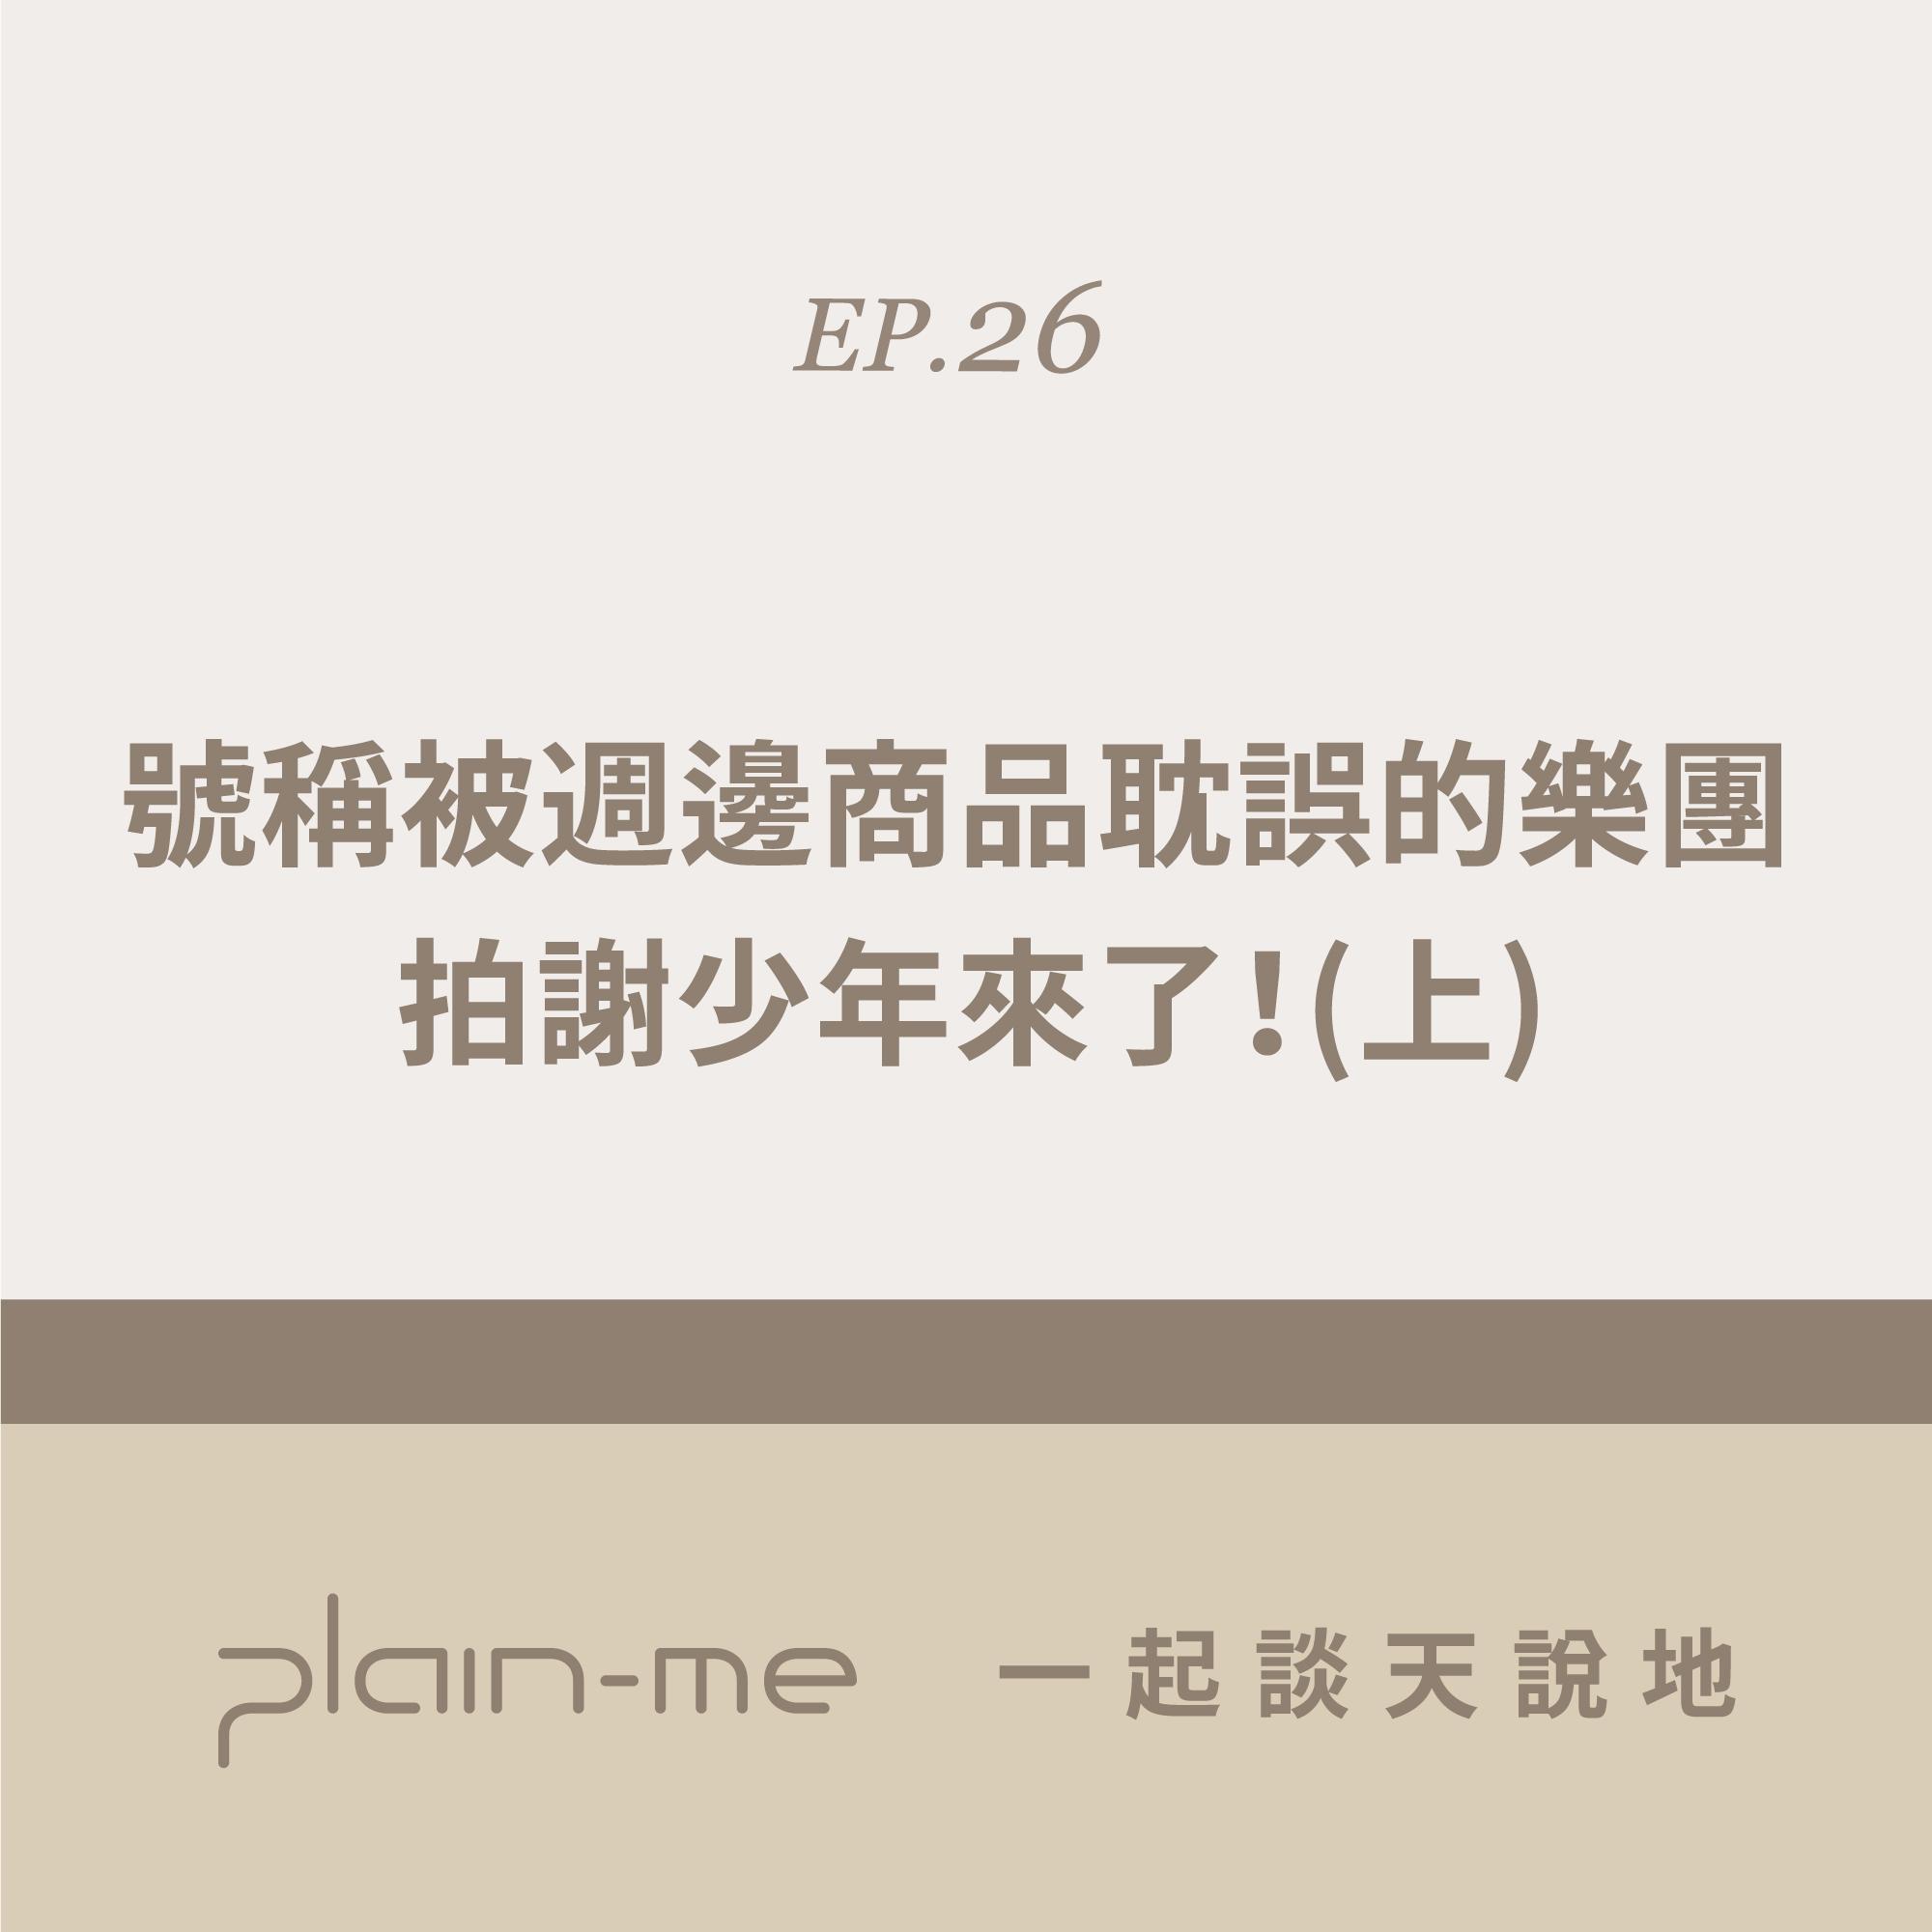 【EP26】號稱被週邊商品耽誤的樂團 - 拍謝少年來了!(上)